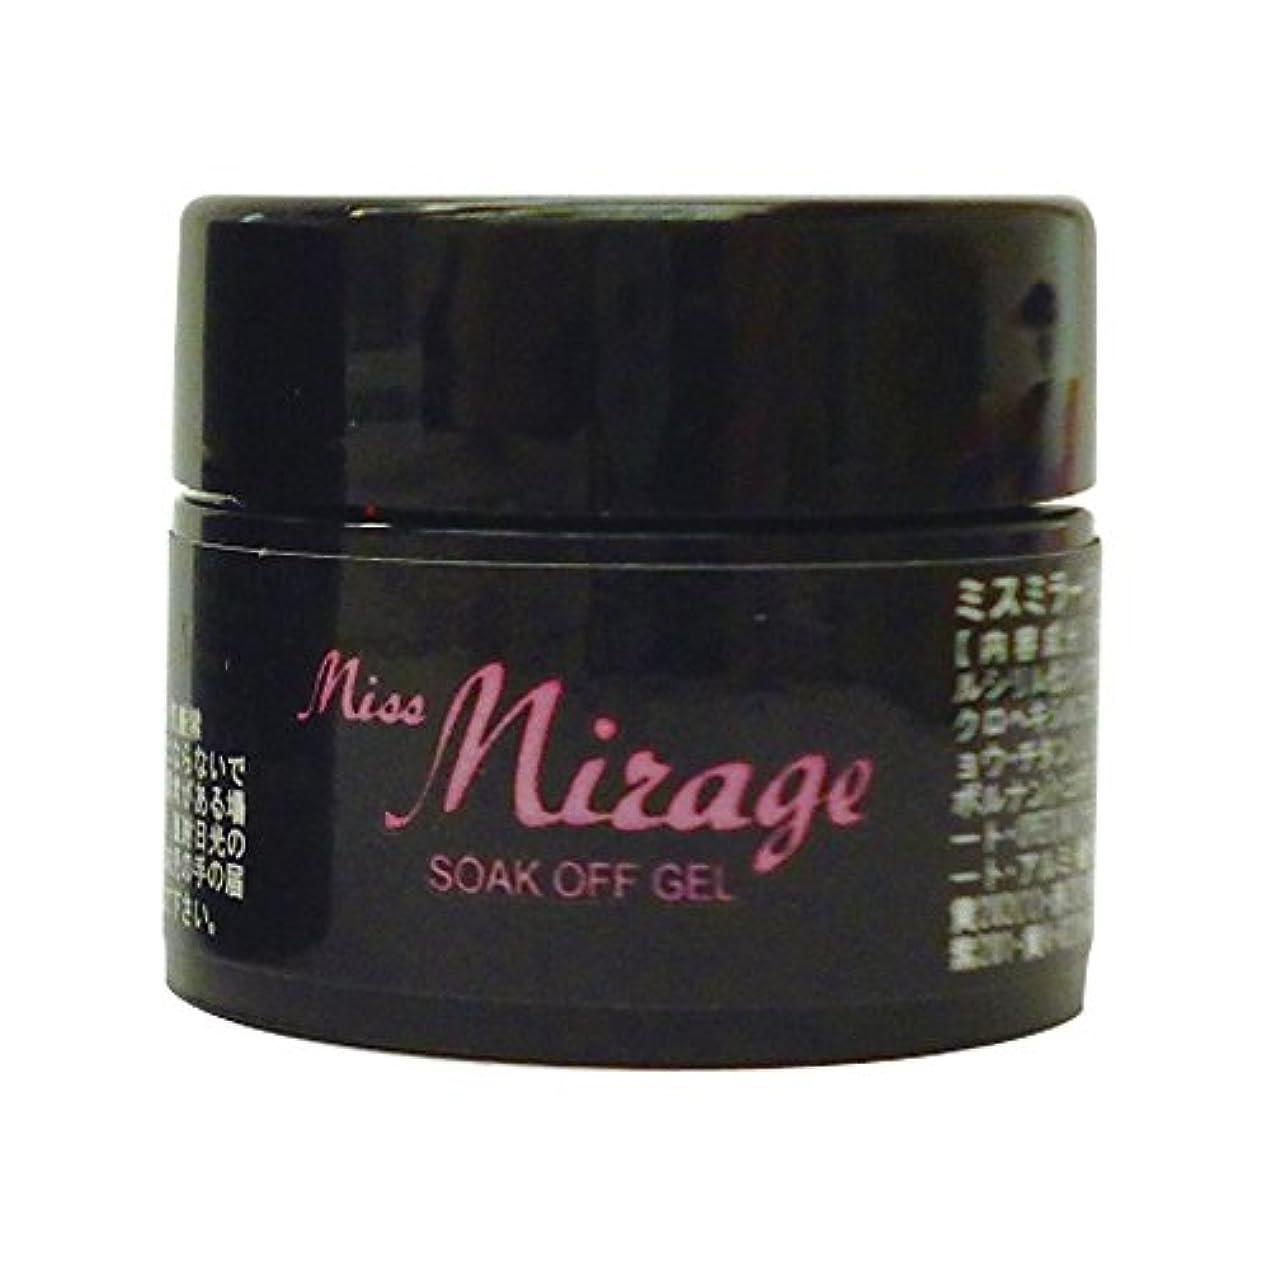 プログレッシブ熱心な悪性のMiss Mirage(ミスミラージュ) Miss Mirage カラージェル R47Sパールオーロラオールドローズ 2.5g UV/LED対応 ジェルネイル